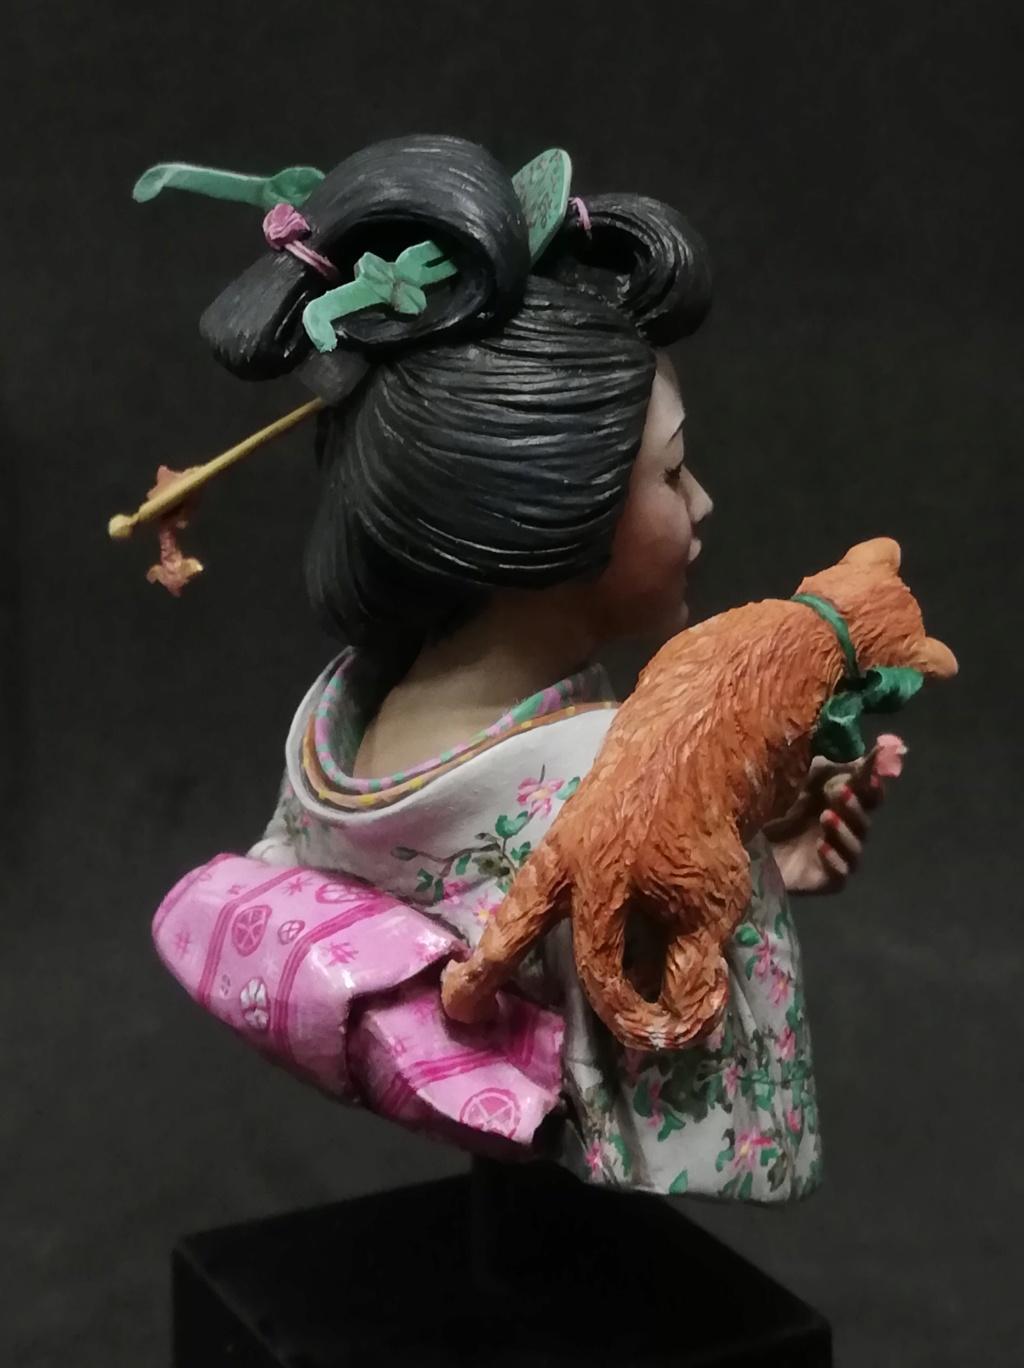 Buste de Geisha terminée - Dernières photos - Page 2 Geisha38